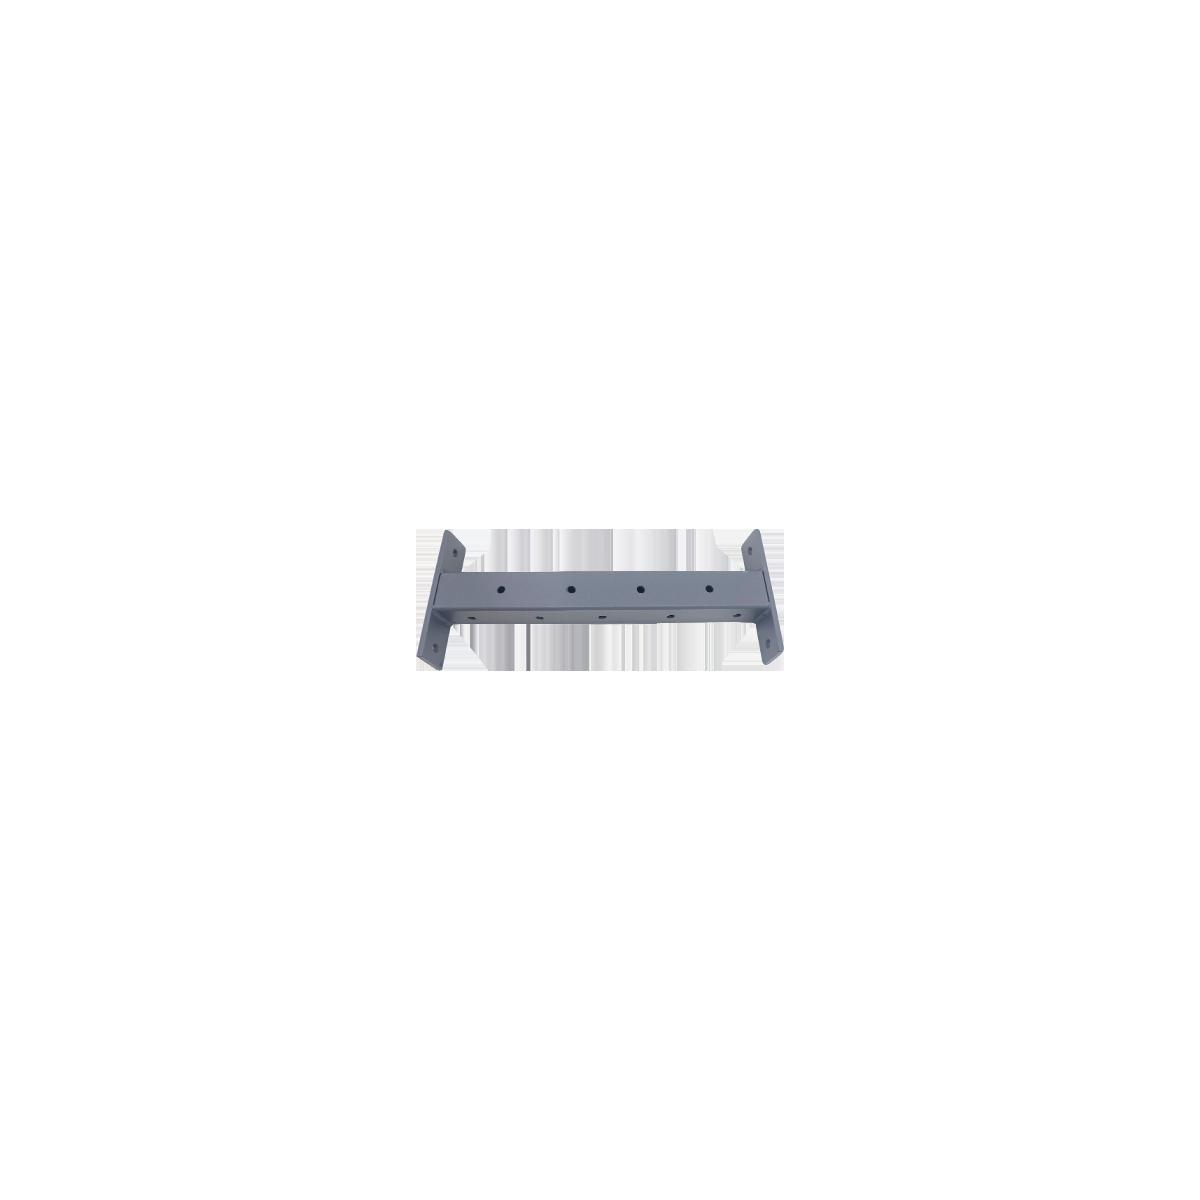 Οριζόντιος-Δοκός-Σύνδεσης-60x60x3-x-530mm-με-λάμα.png